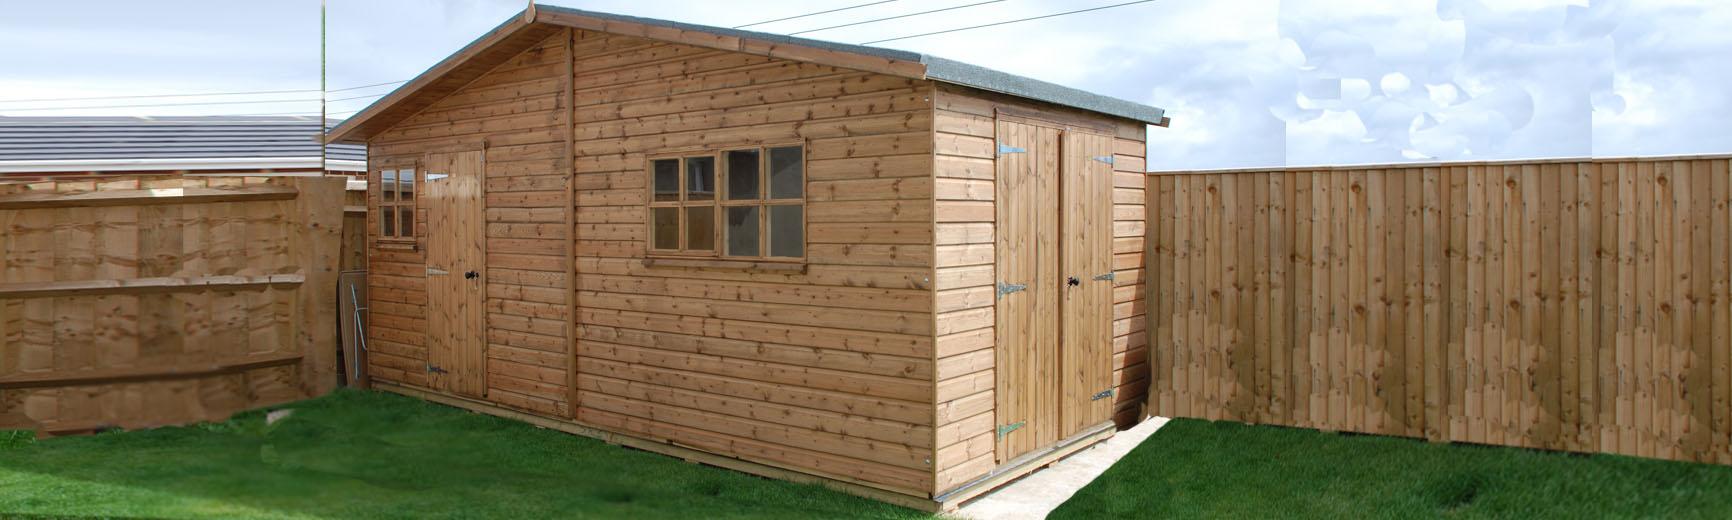 shed-slider02